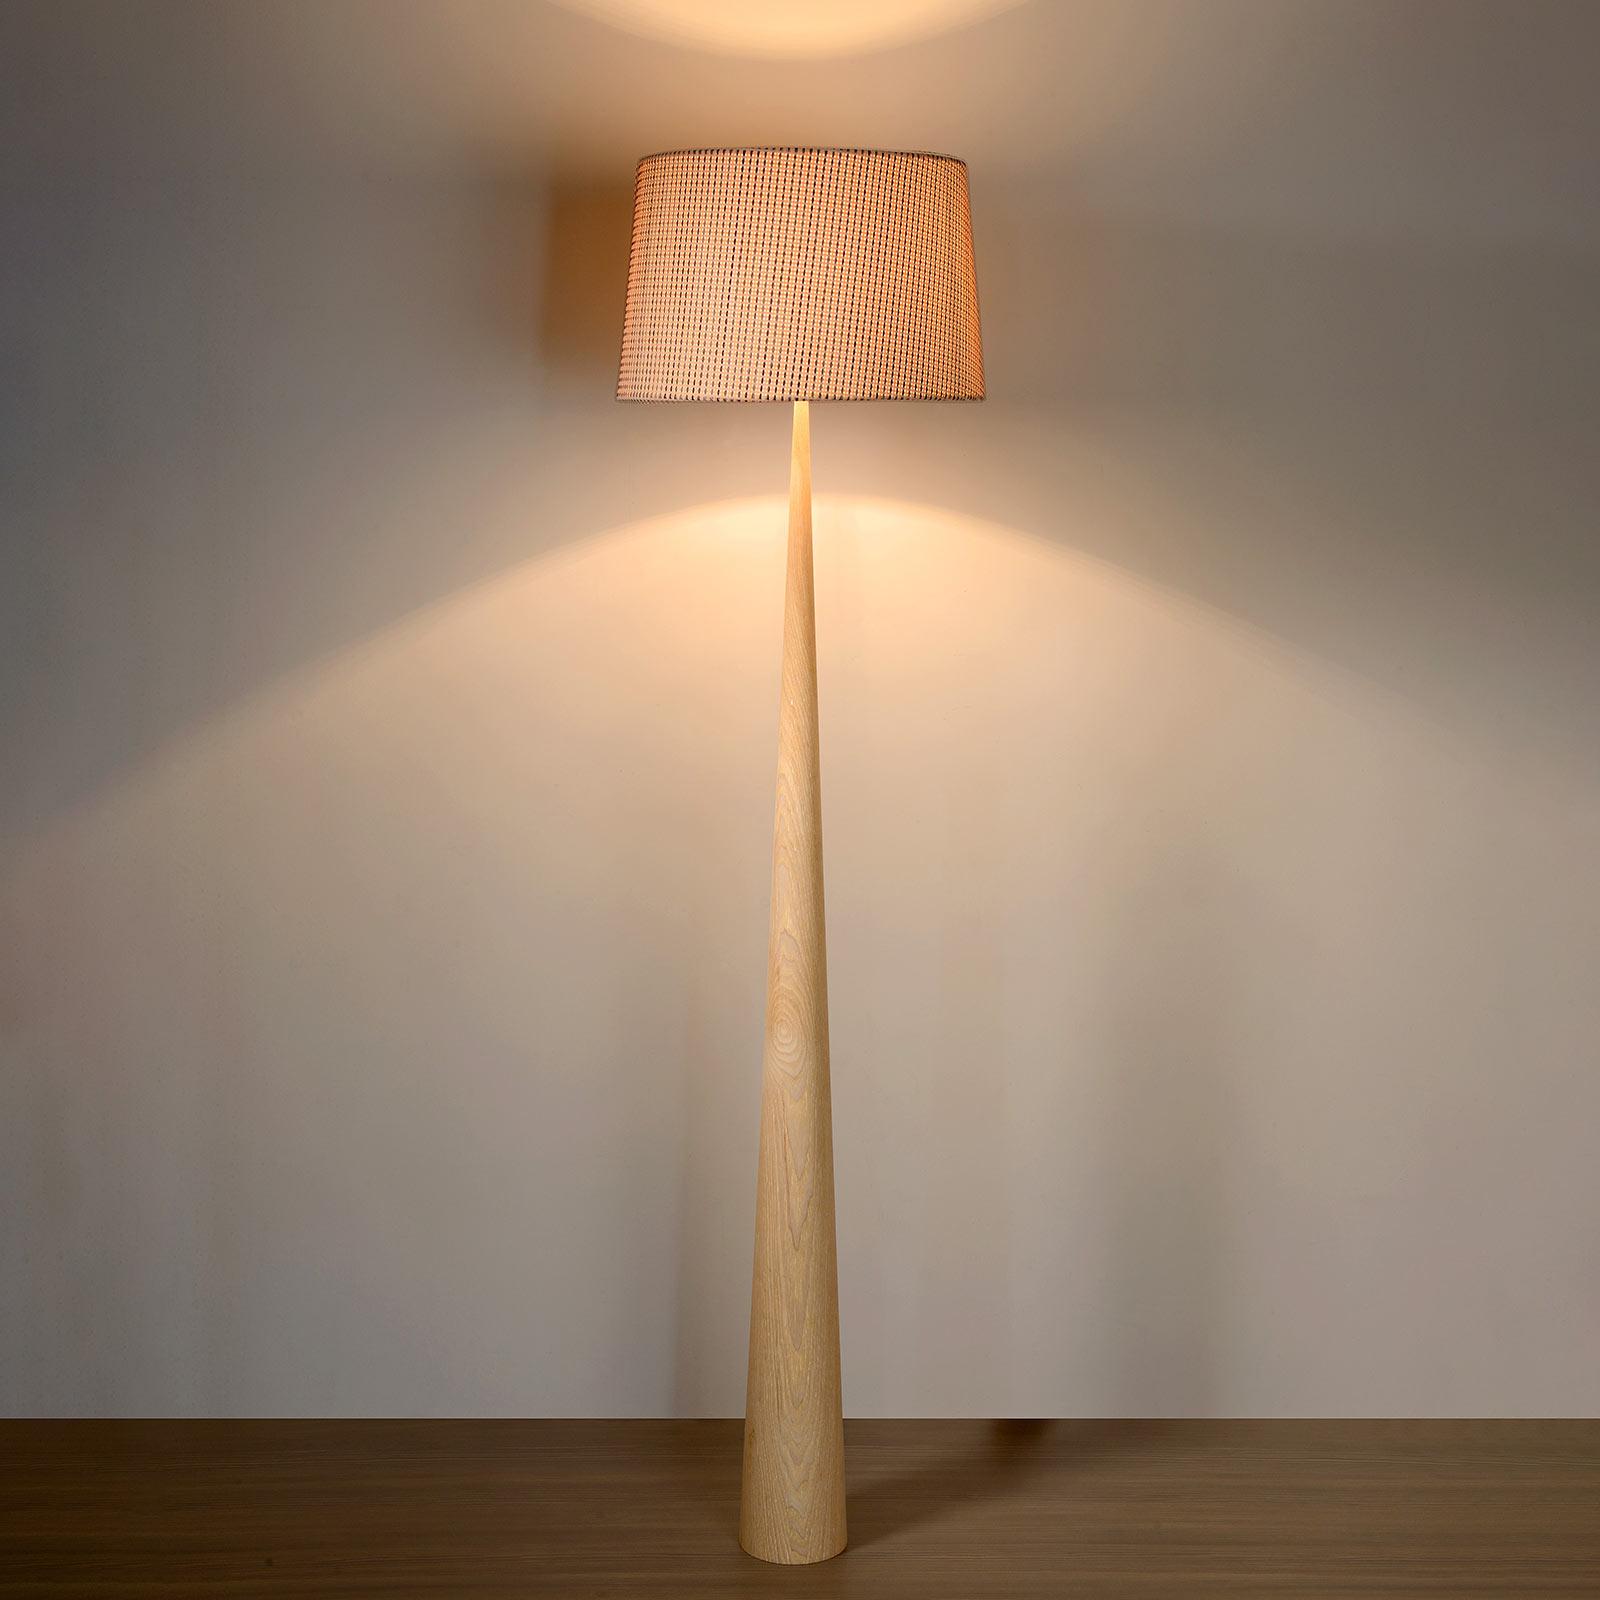 Lampadaire Conos avec pied clair en bois